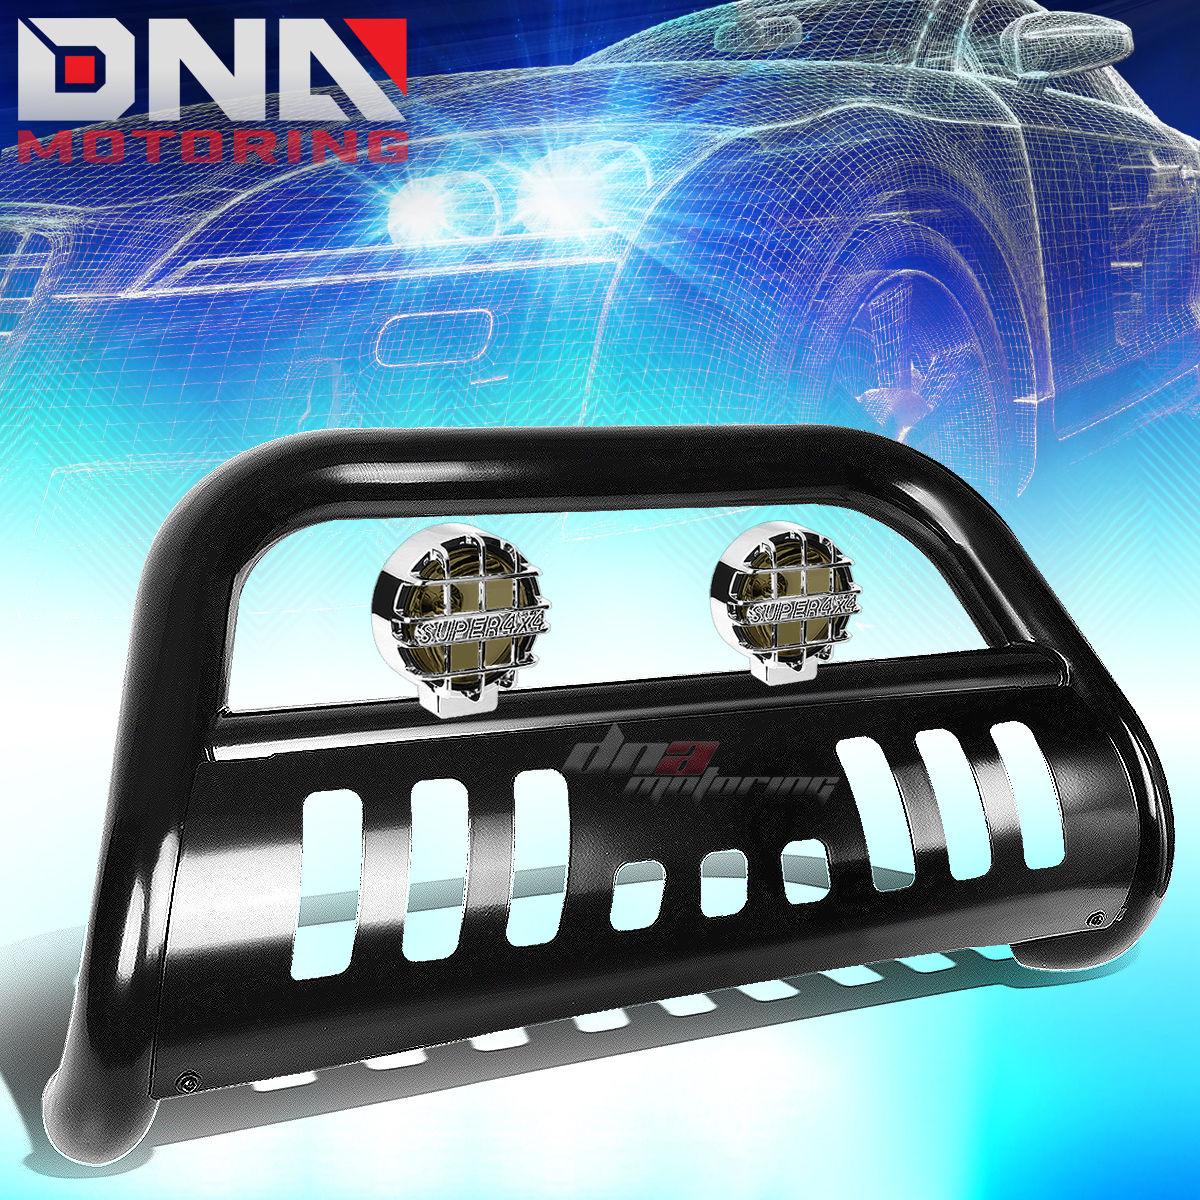 グリル FOR 02-09ダッジRAM 1500/2500/3500 BLACK BULLバーグリルガード+ SMOKED FOGライト FOR 02-09 DODGE RAM 1500/2500/3500 BLACK BULL BAR GRILLE GUARD+SMOKED FOG LIGHT